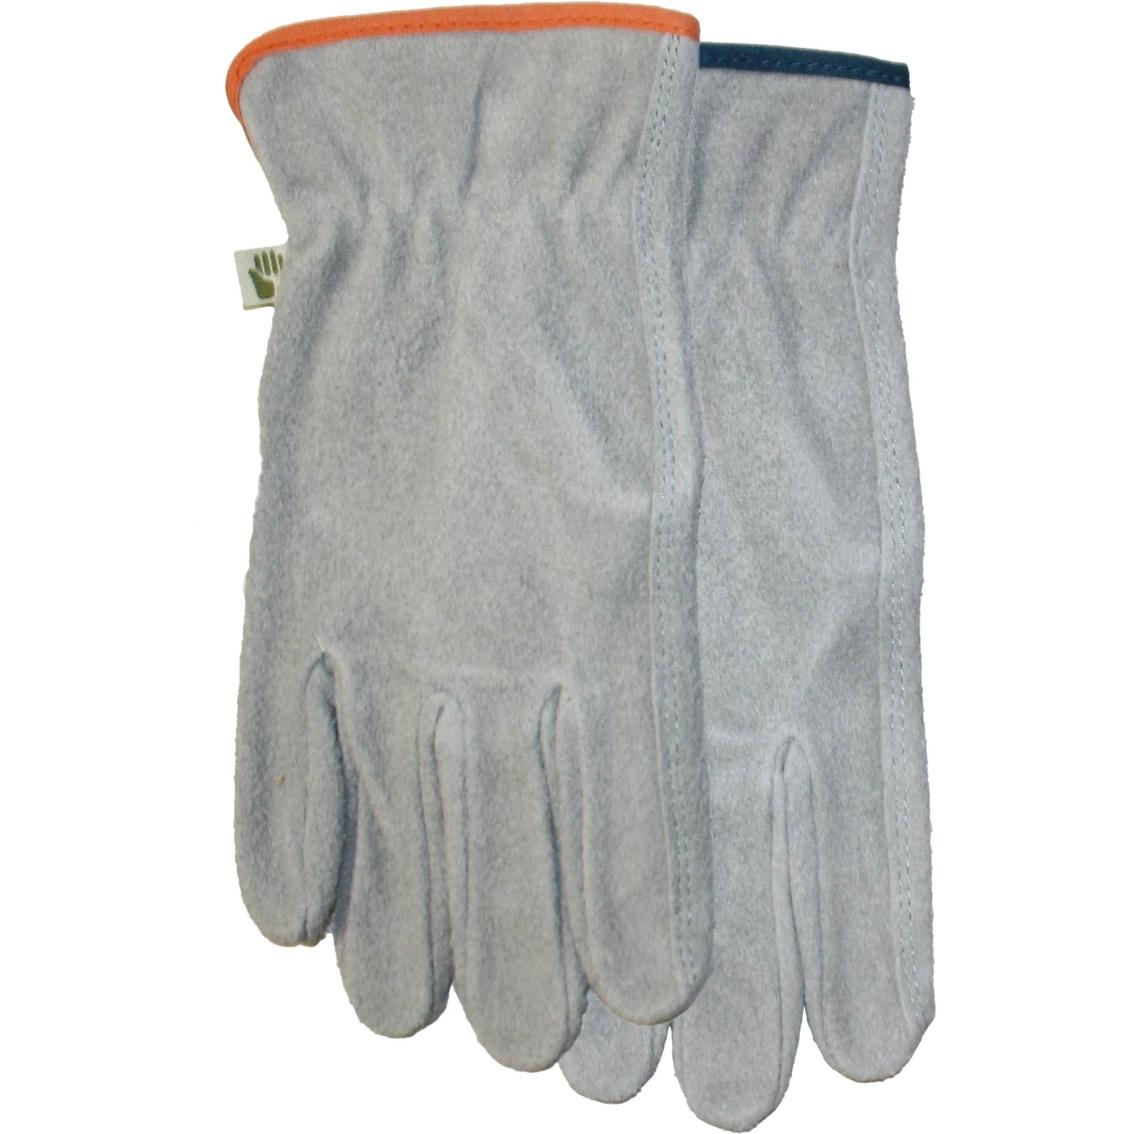 Midwest Gloves U0026 Gear Womenu0027s Suede Leather Gardening Gloves